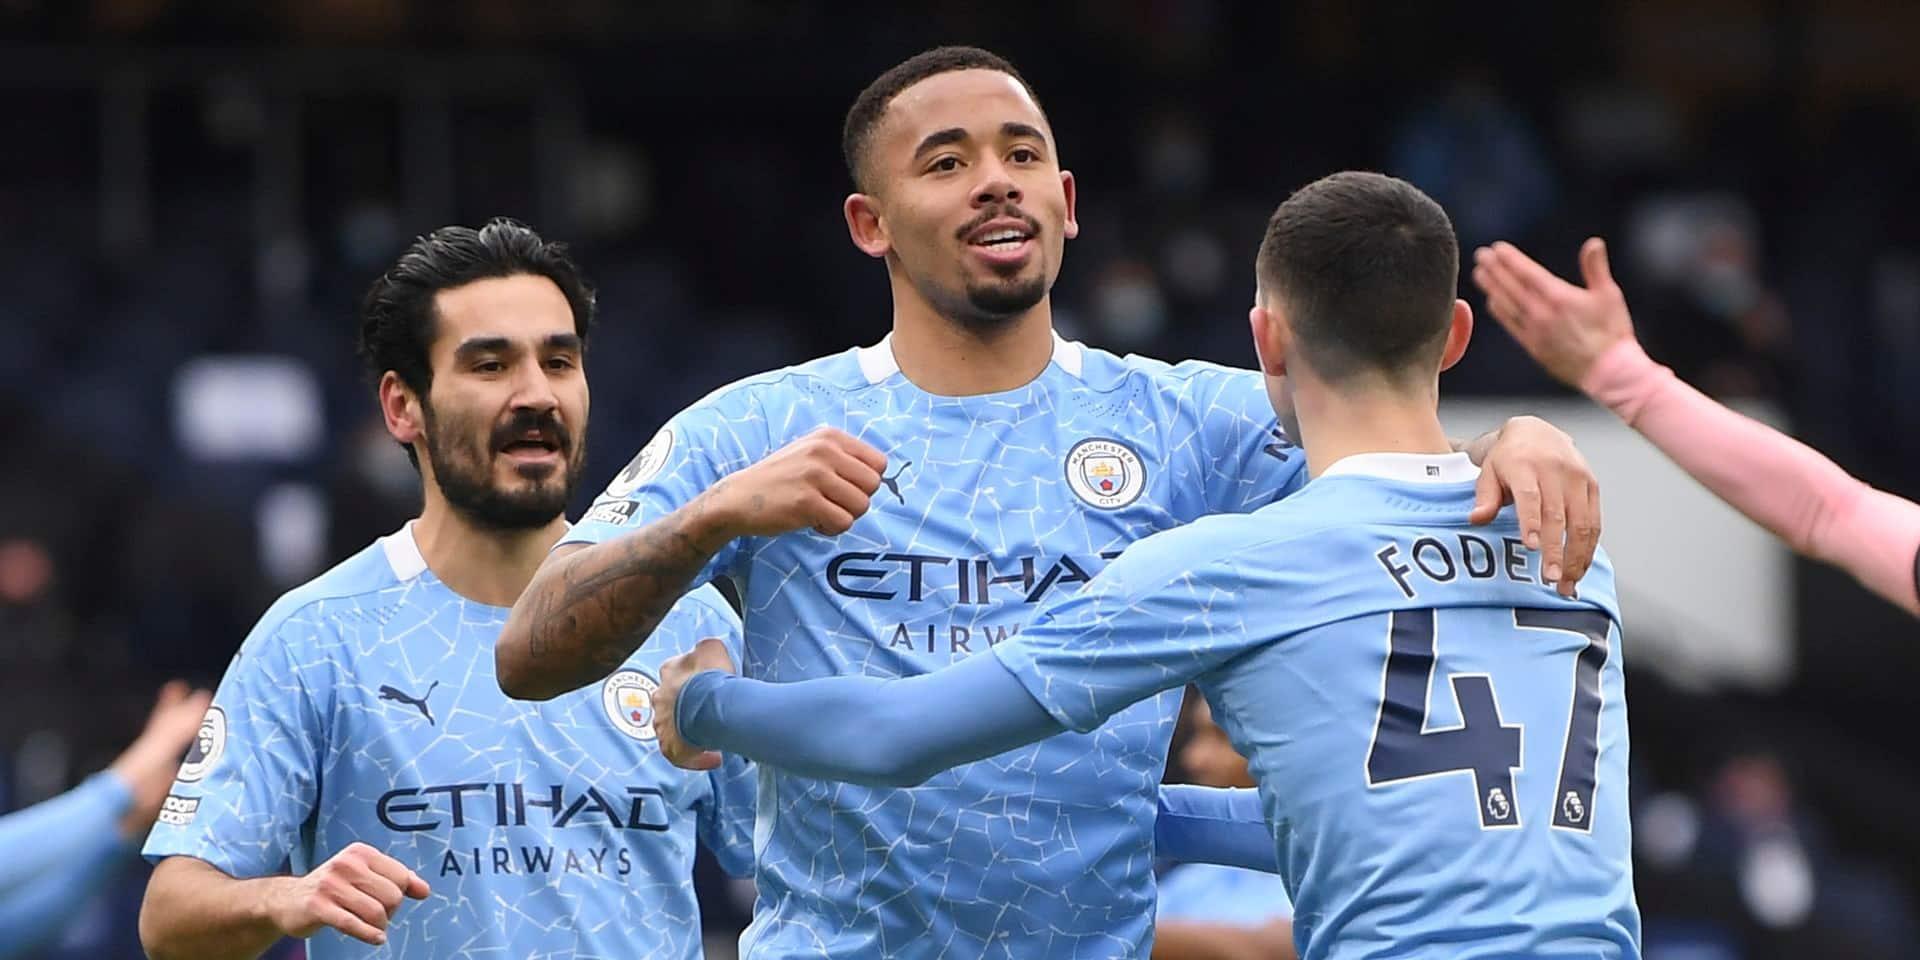 Manchester City aligne un 8e succès de rang et conforte sa place de leader de la Premier League